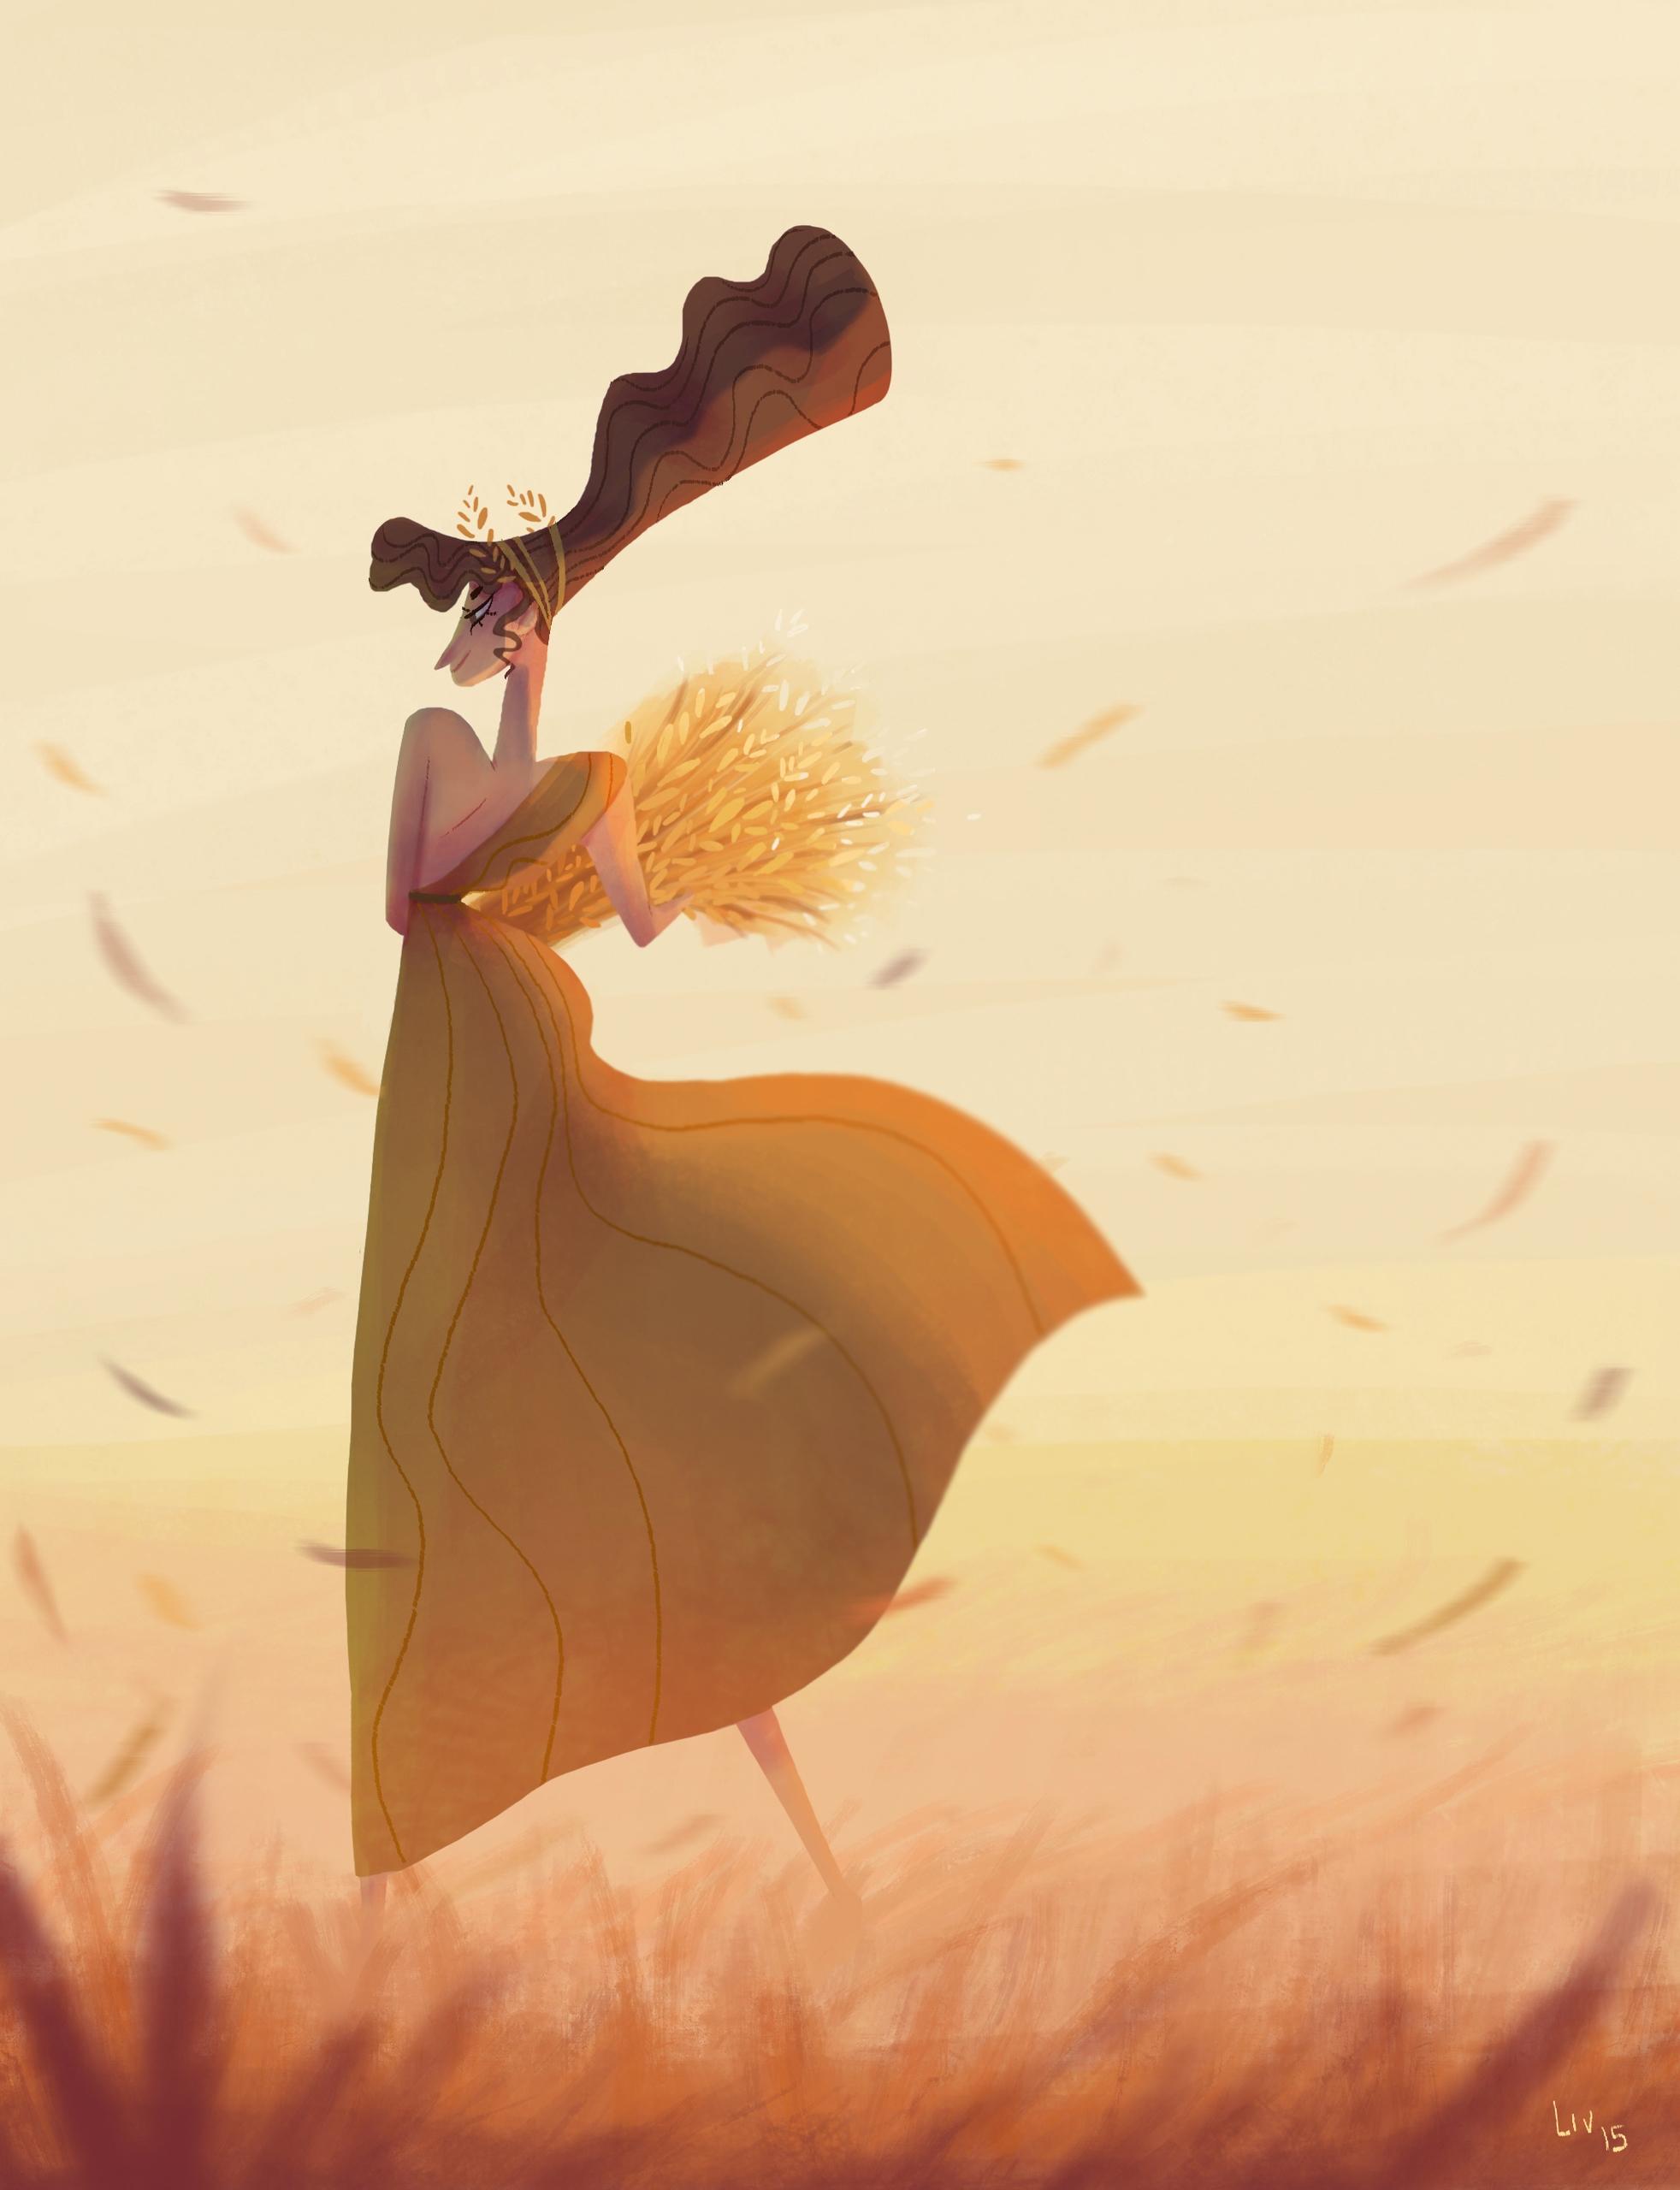 Demeter, goddess harvest charac - liviaconstante | ello